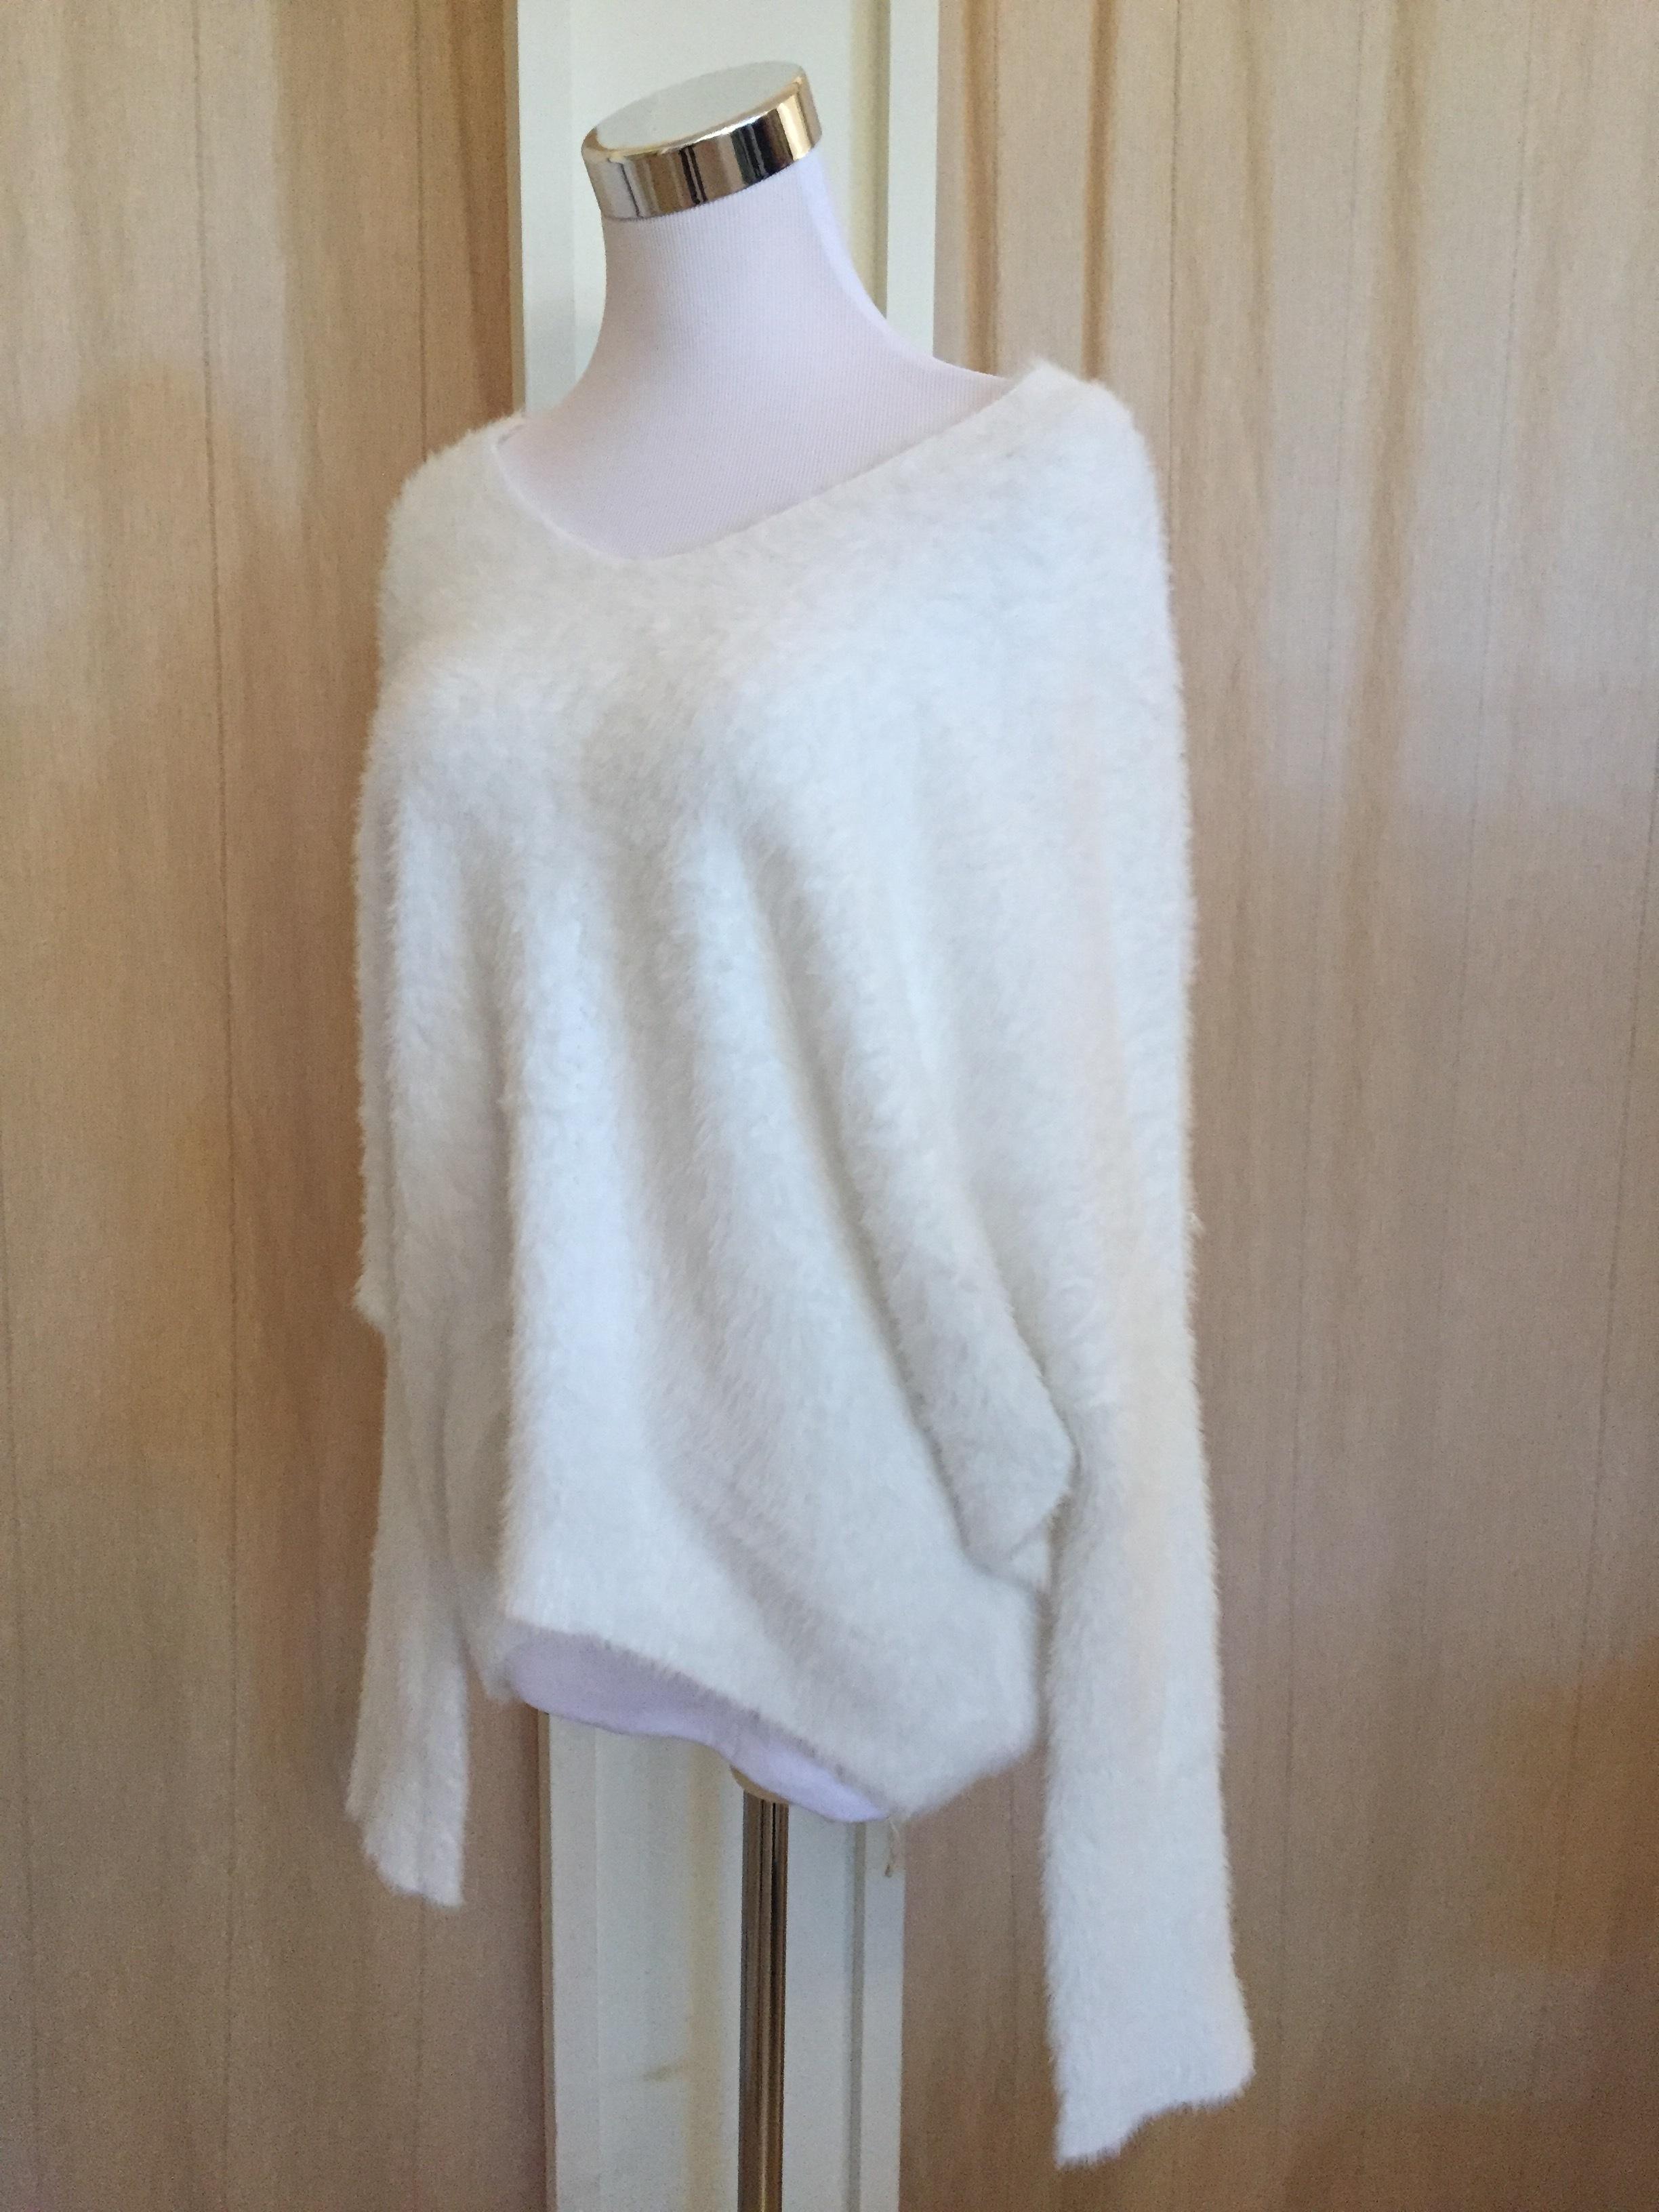 Super soft sweater $42